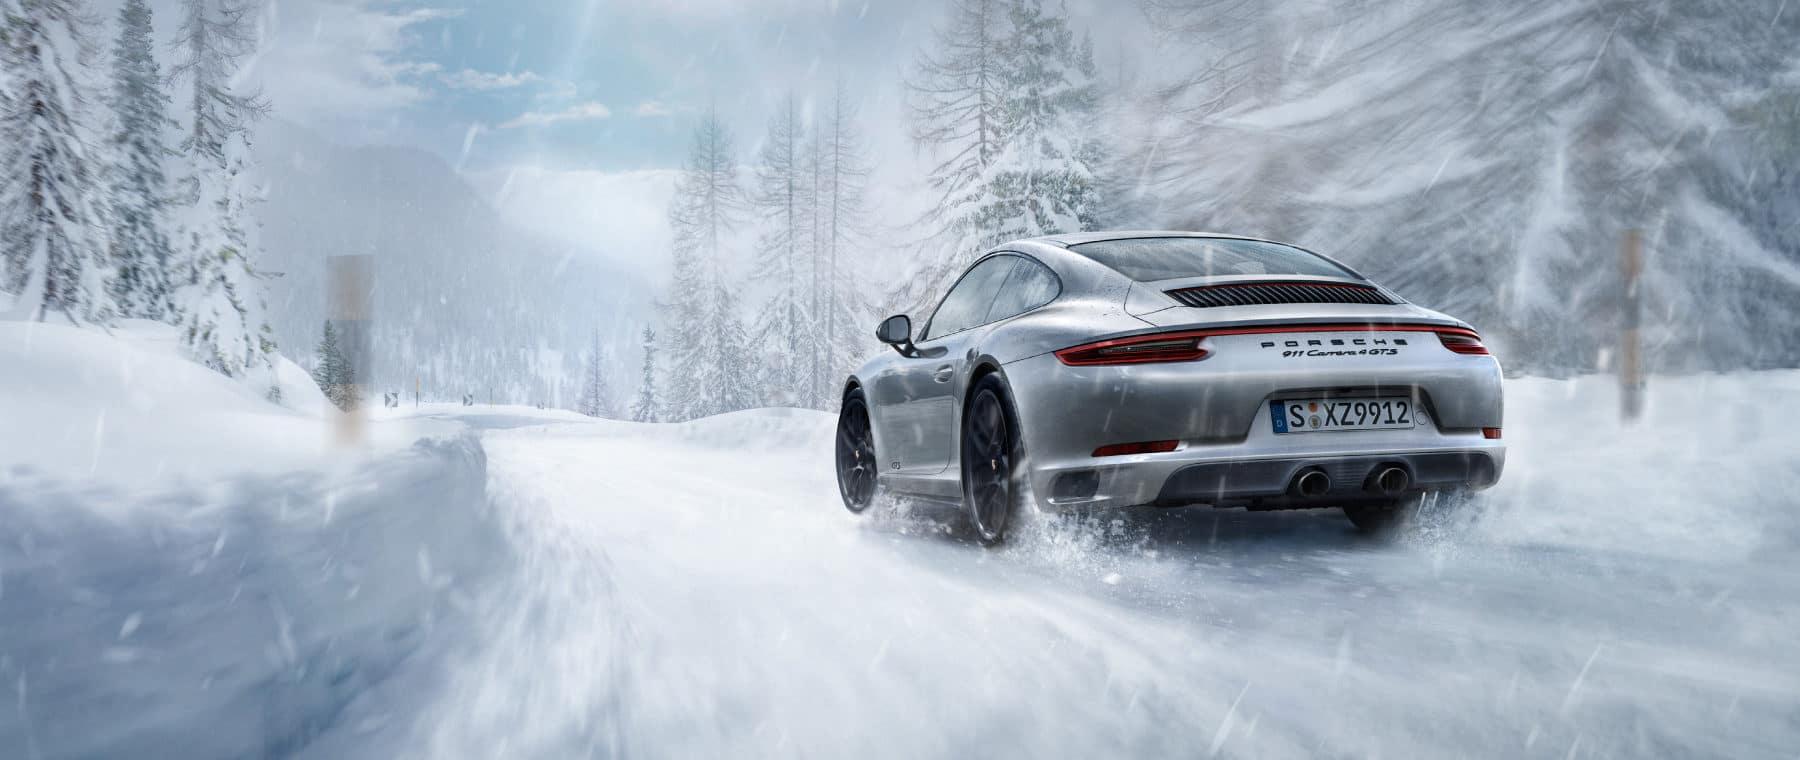 Autobahn Porsche | 911 in the Snow